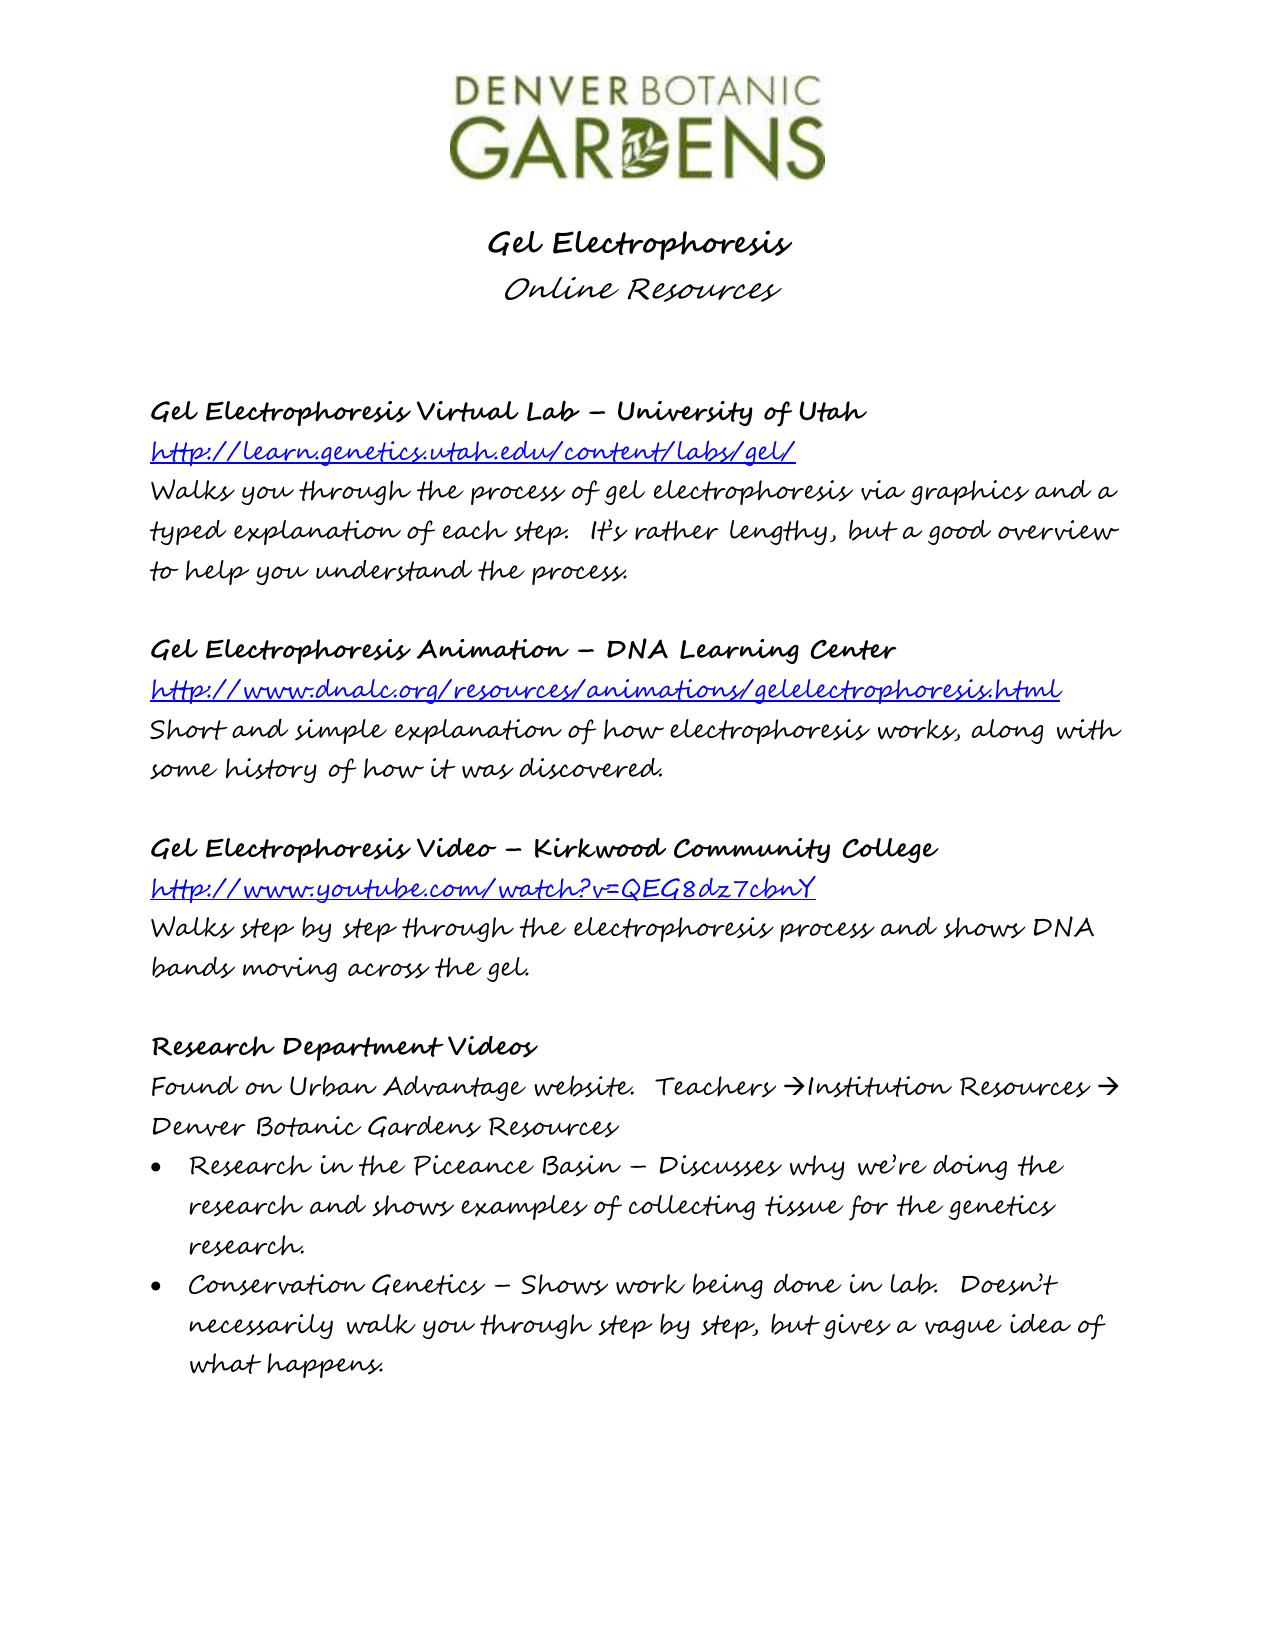 Gel Electrophoresis Online Resources